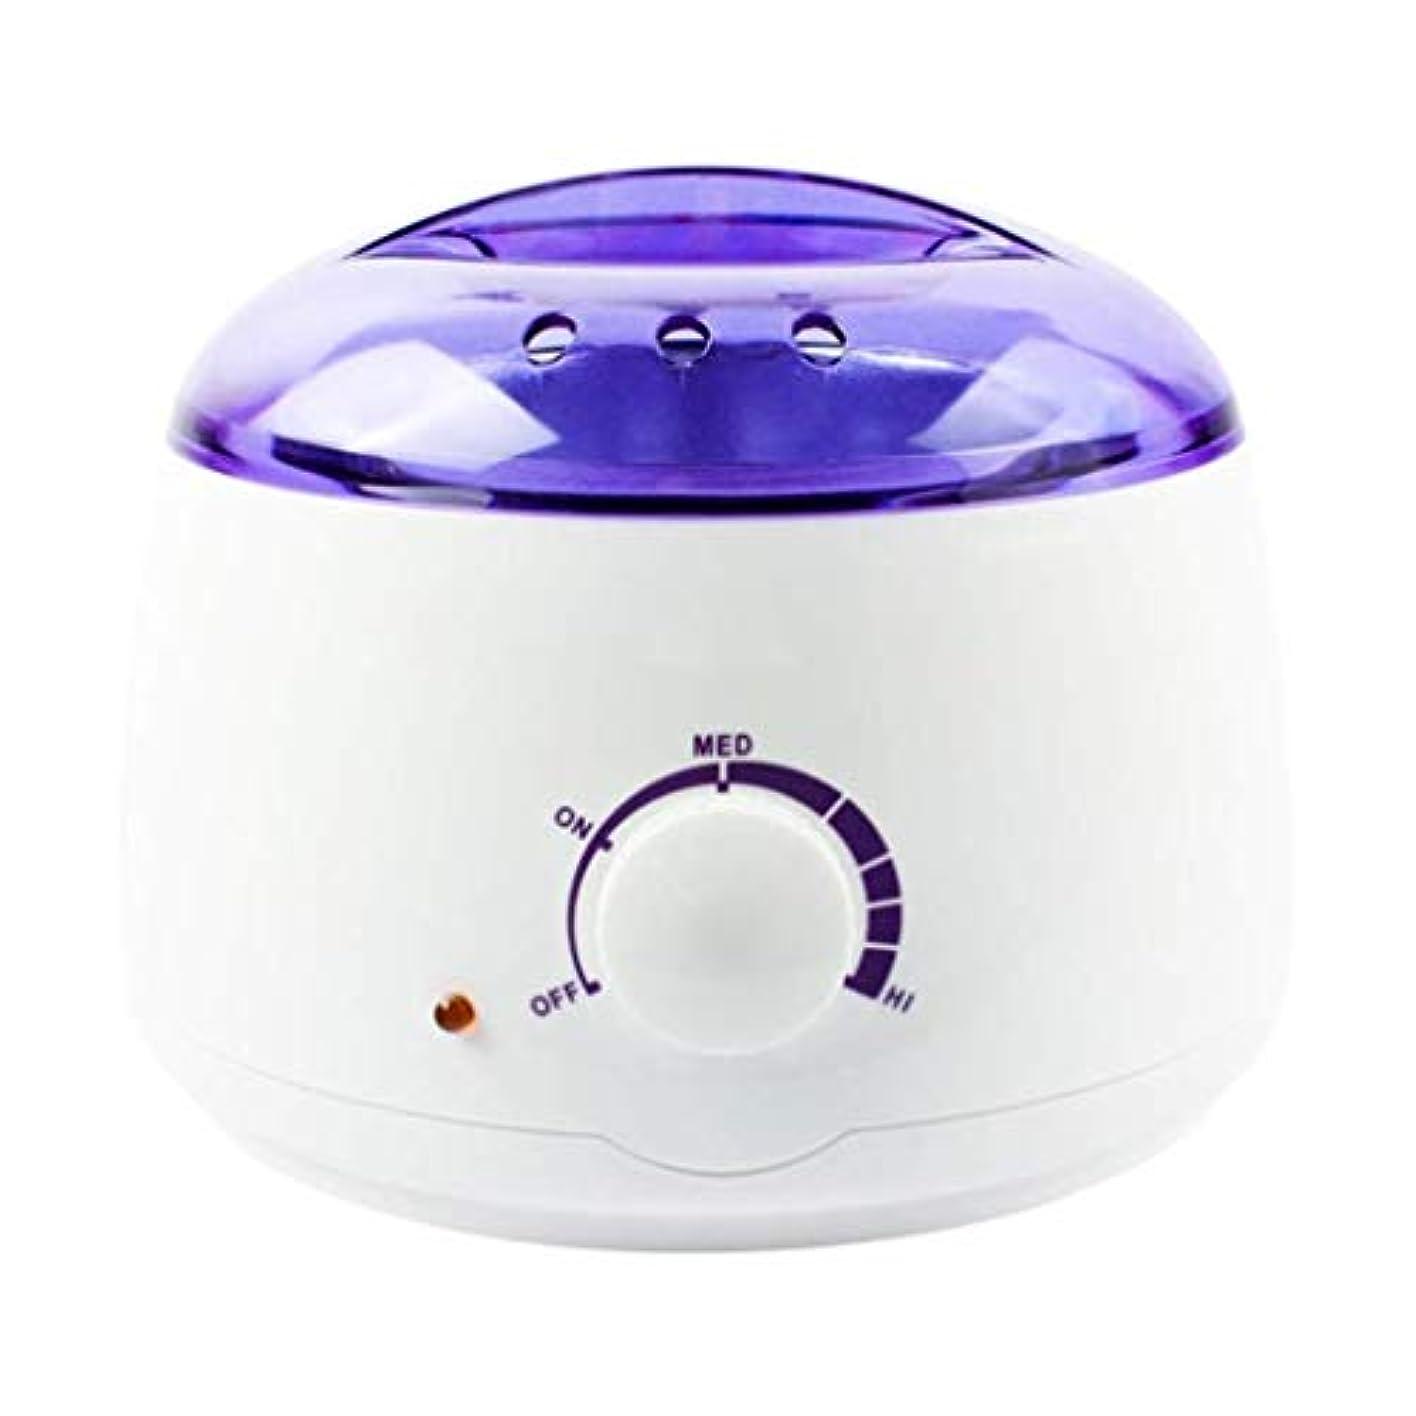 魂好むアパートプロの電気ワックスヒーター、ヒーター、ソフト、パラフィン、暖かい、クリームとリボンワックスに適しています。大広間のための調節可能な温度の毛の取り外しのためのワックスメルター、品質の結果 (Color : White)